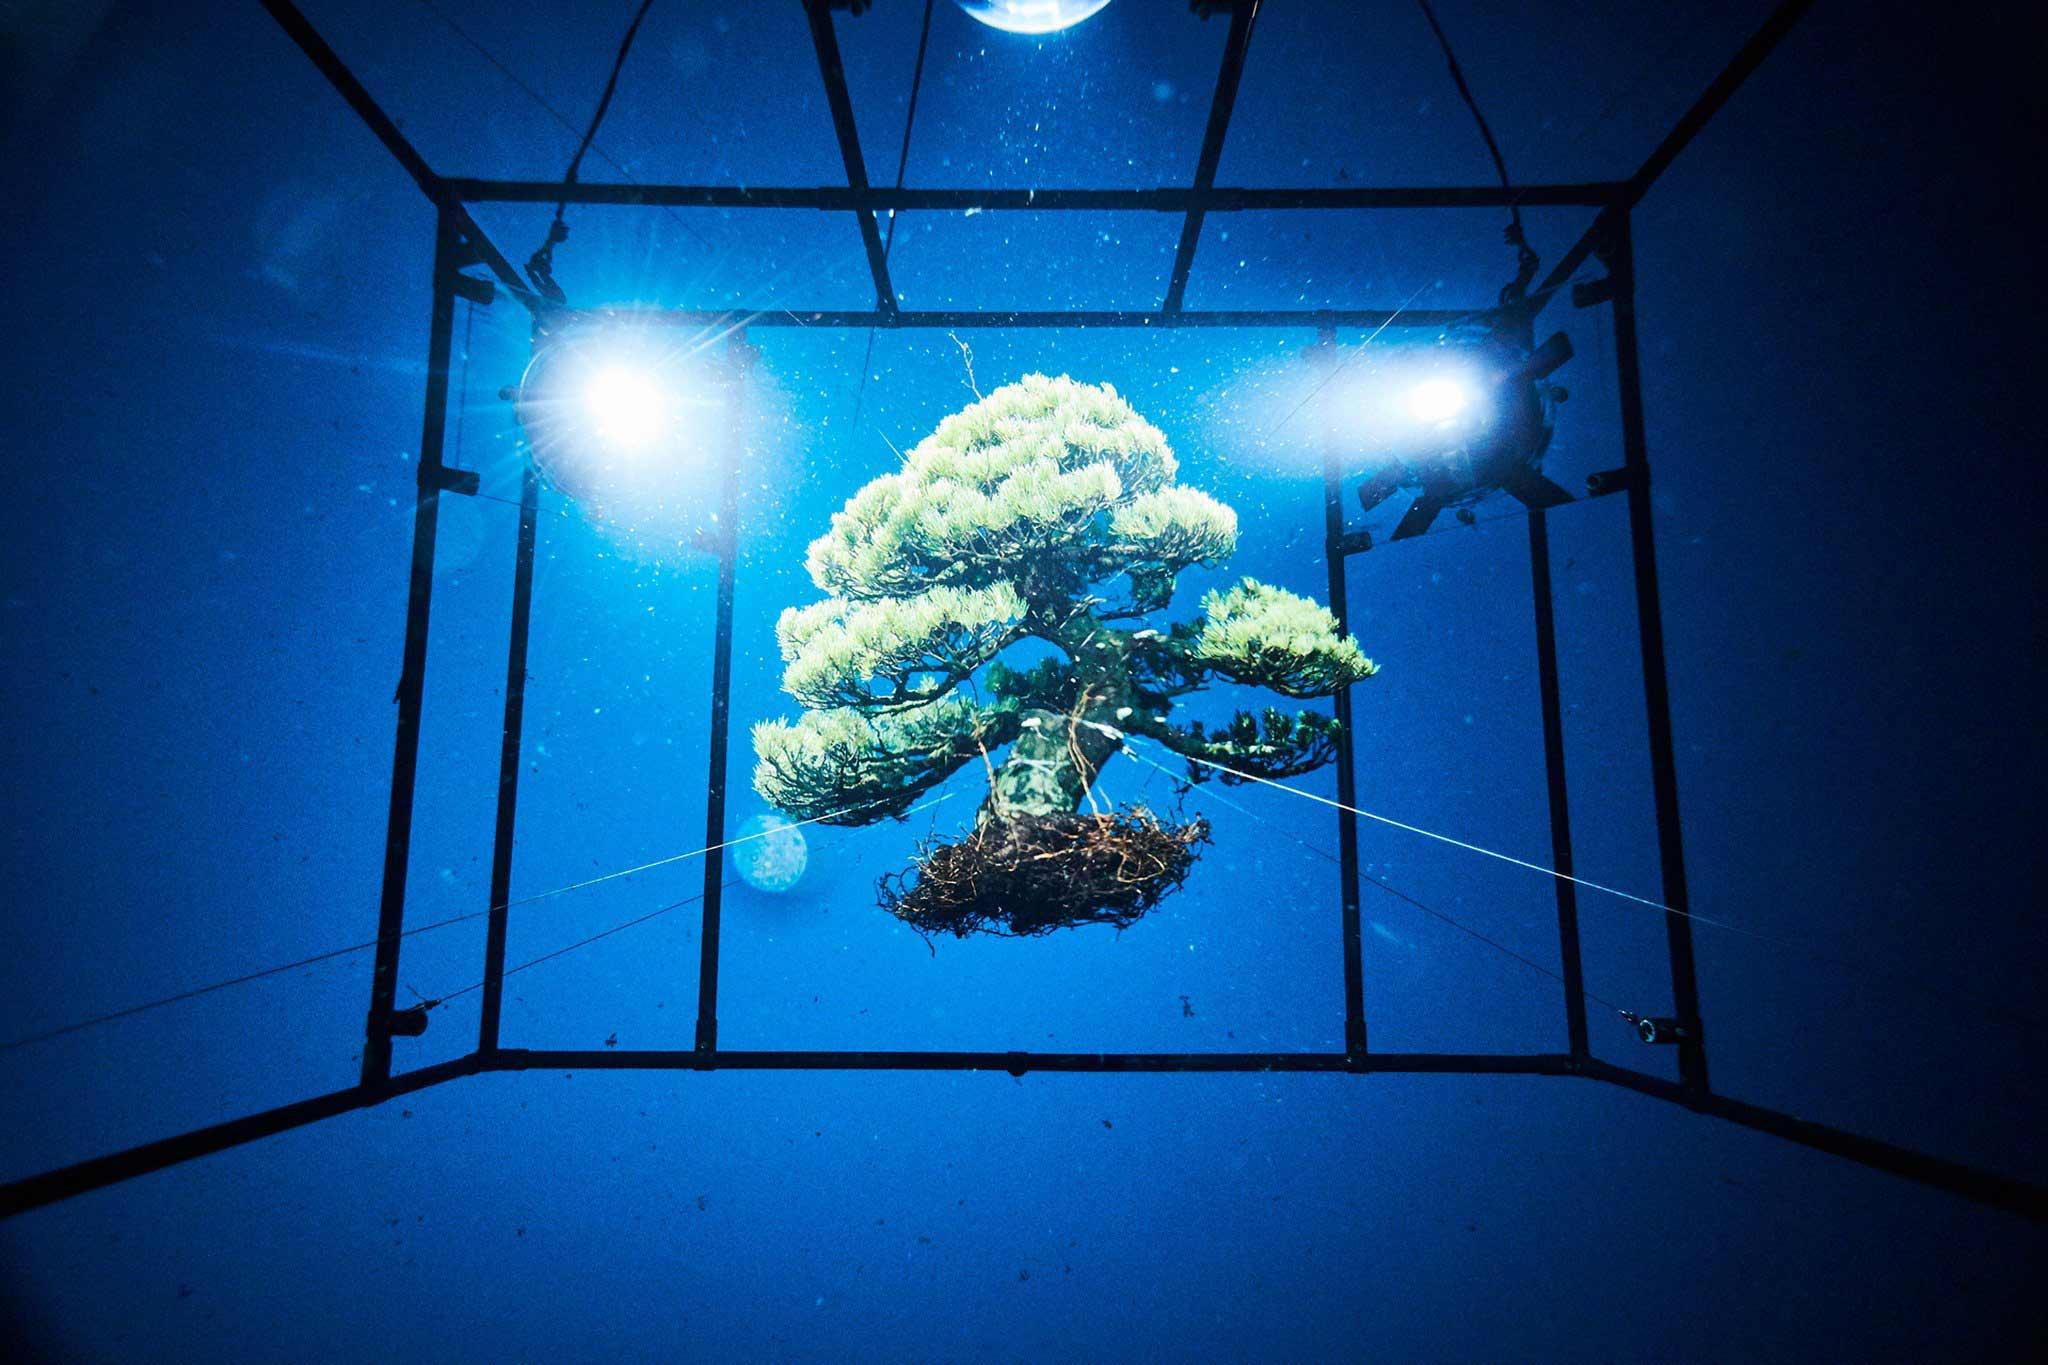 azuma-makoto-dives-into-the-unknown-2